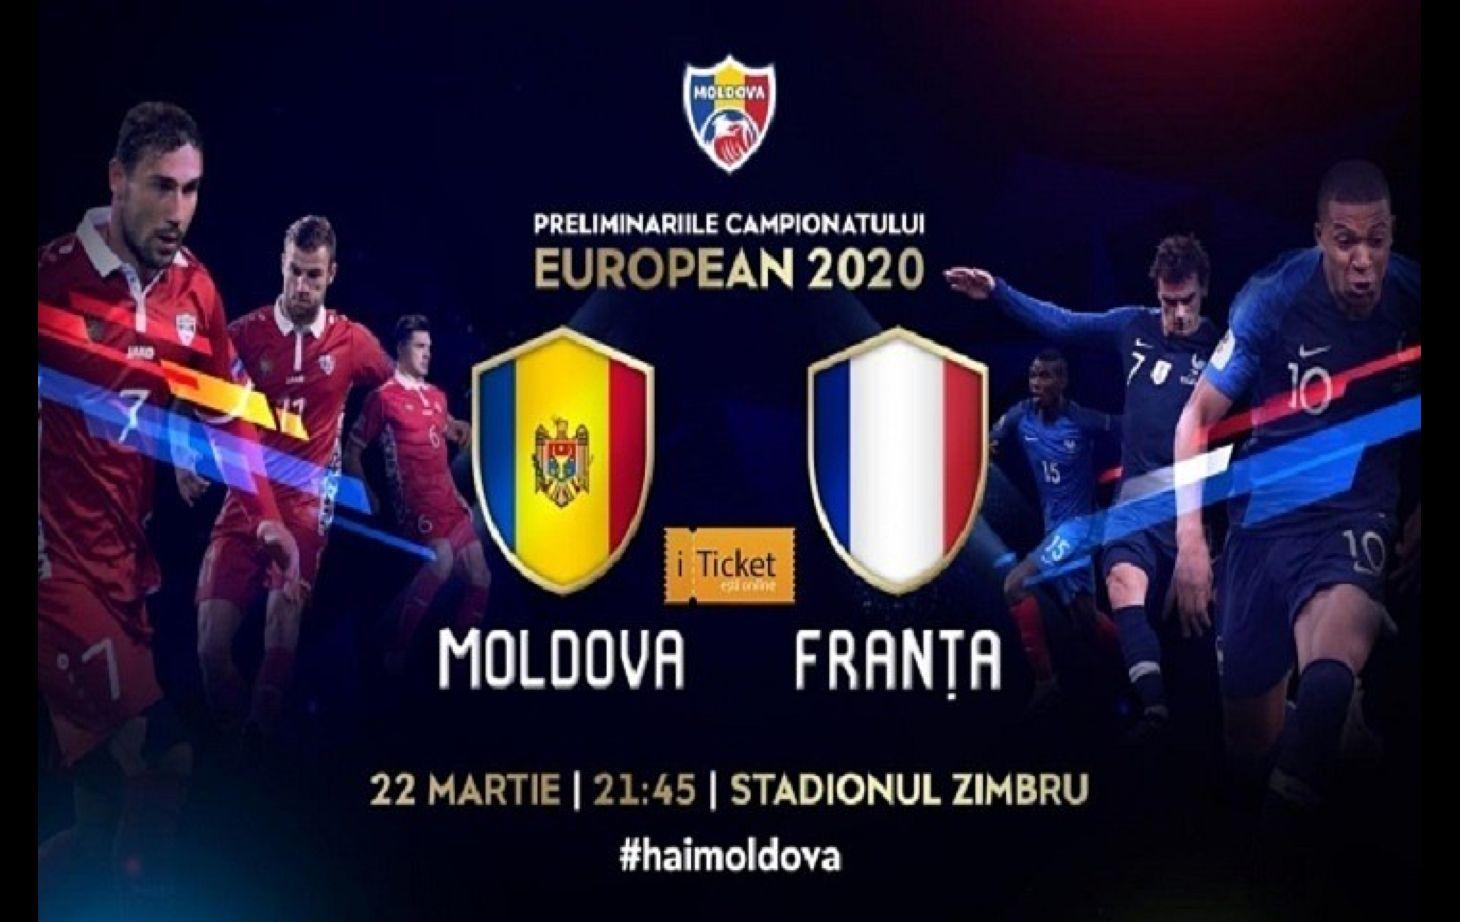 Додон пожелал молдавской сборной забить гол в игре с Францией: Это будет лучшим подарком для граждан (ВИДЕО)